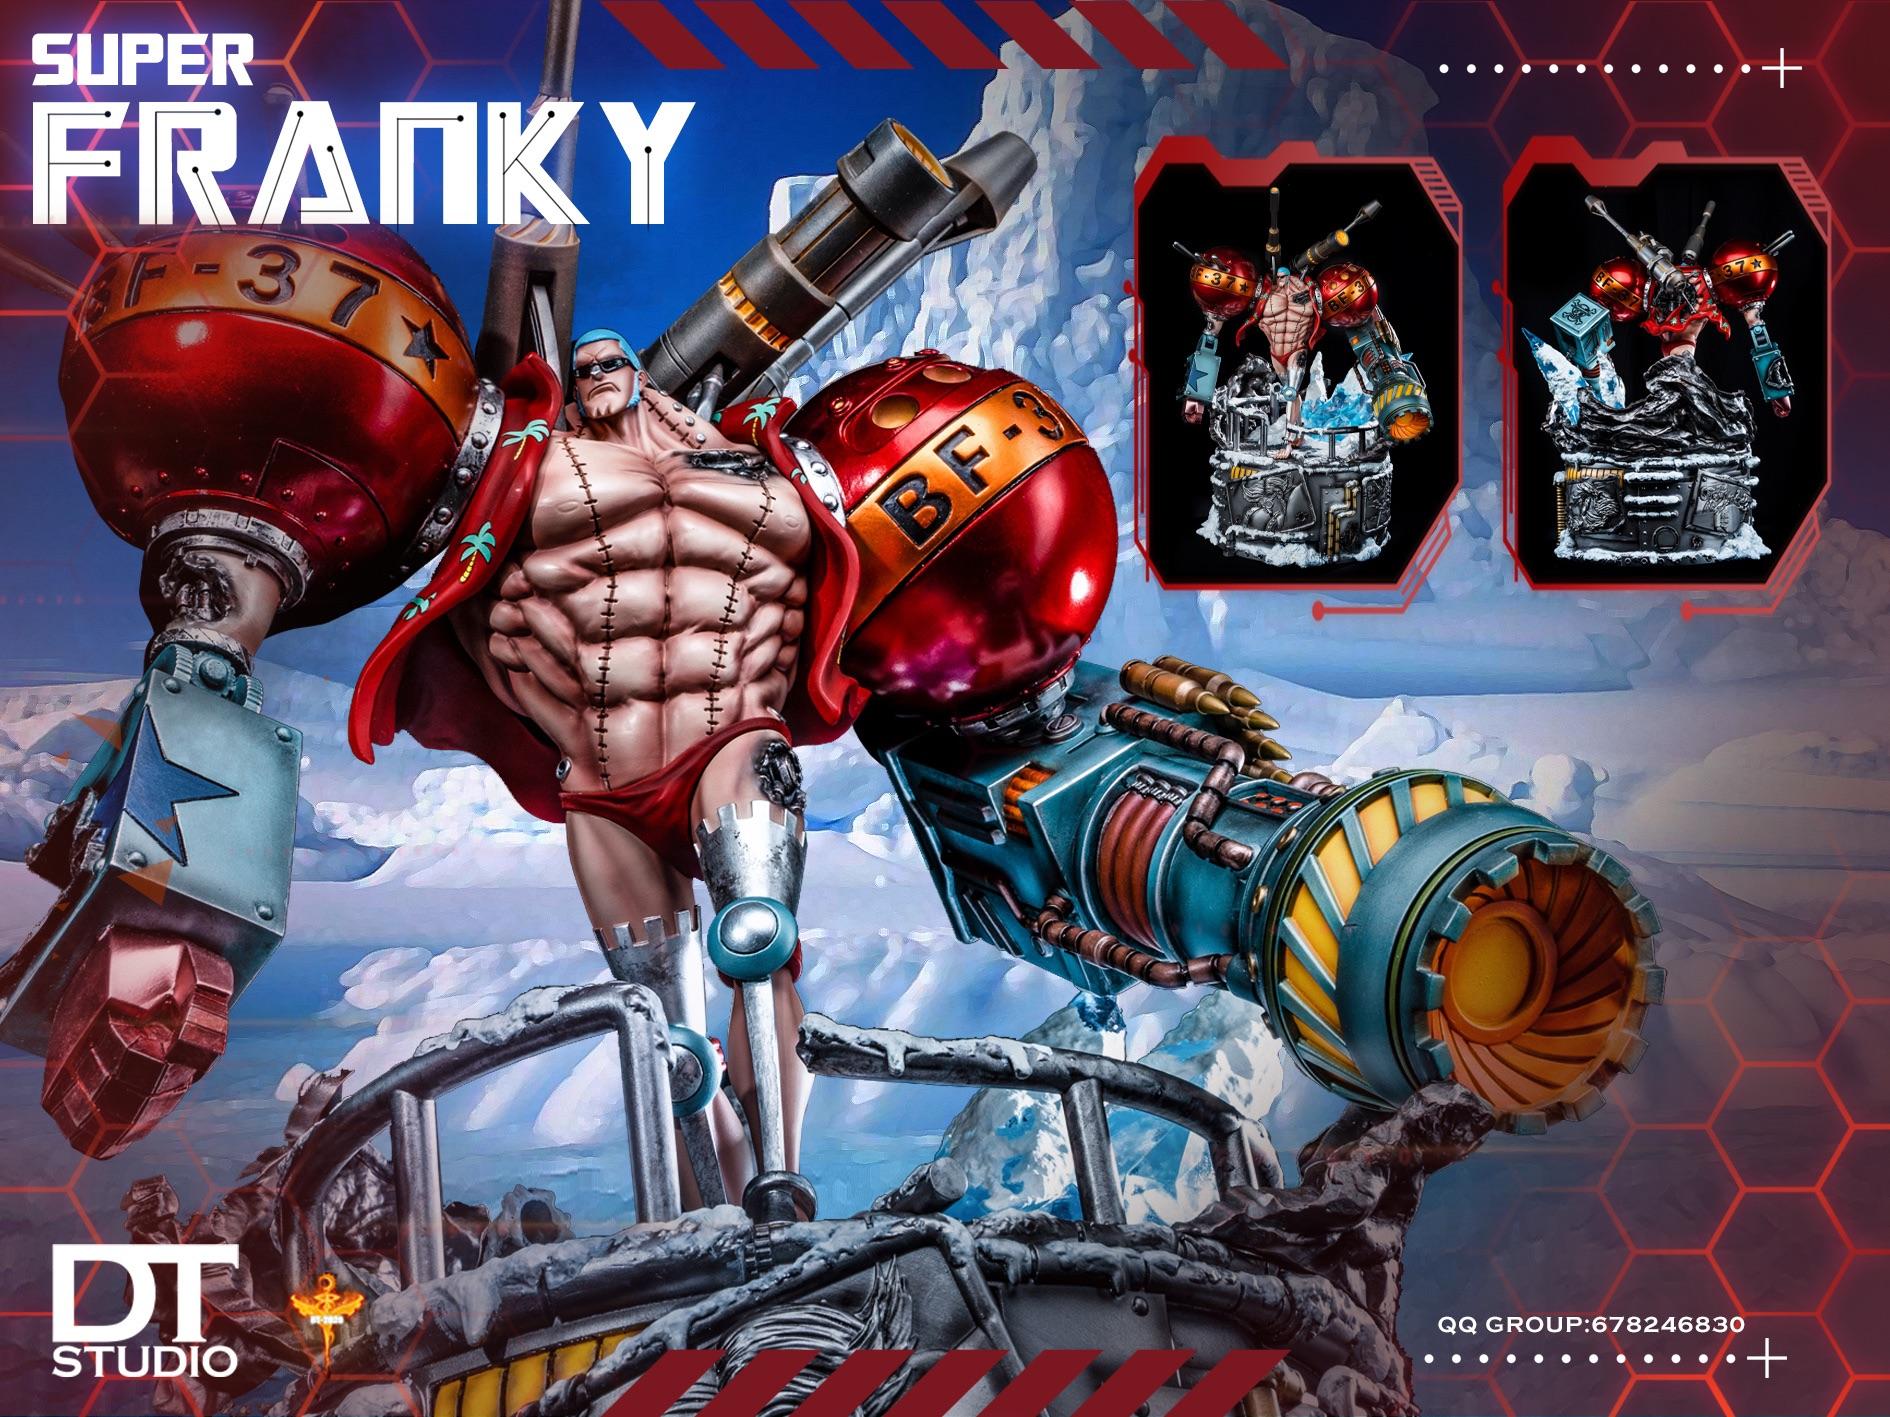 Cyborg Franky แฟรงกี้ ไซบอร์ก DT Studio (มัดจำ)[[SOLD OUT ]]